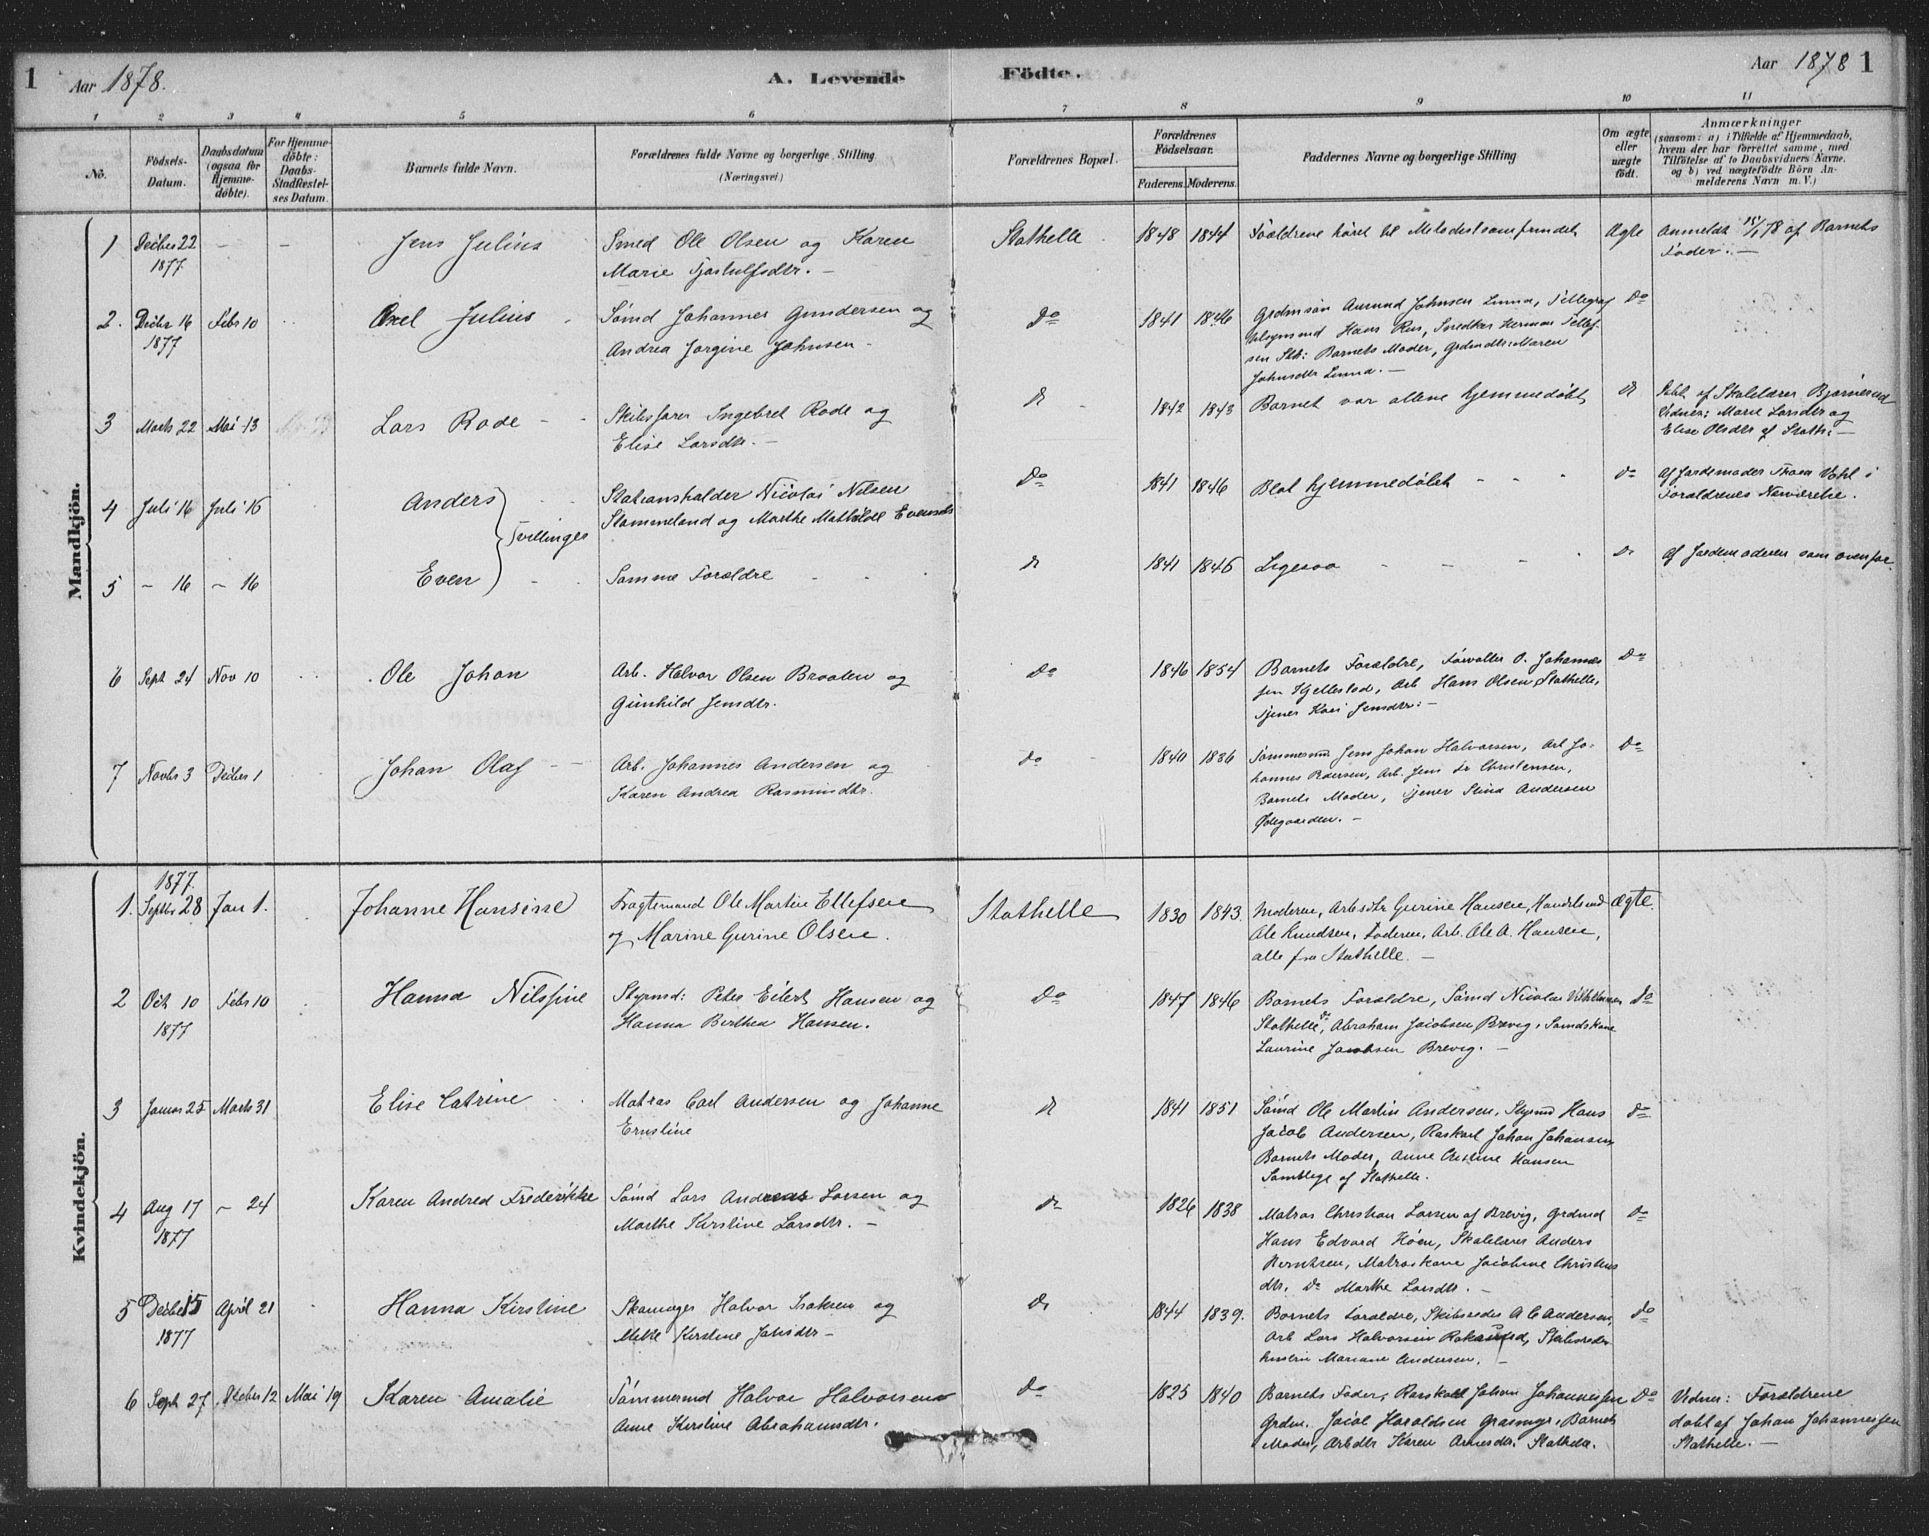 SAKO, Bamble kirkebøker, F/Fb/L0001: Ministerialbok nr. II 1, 1878-1899, s. 1